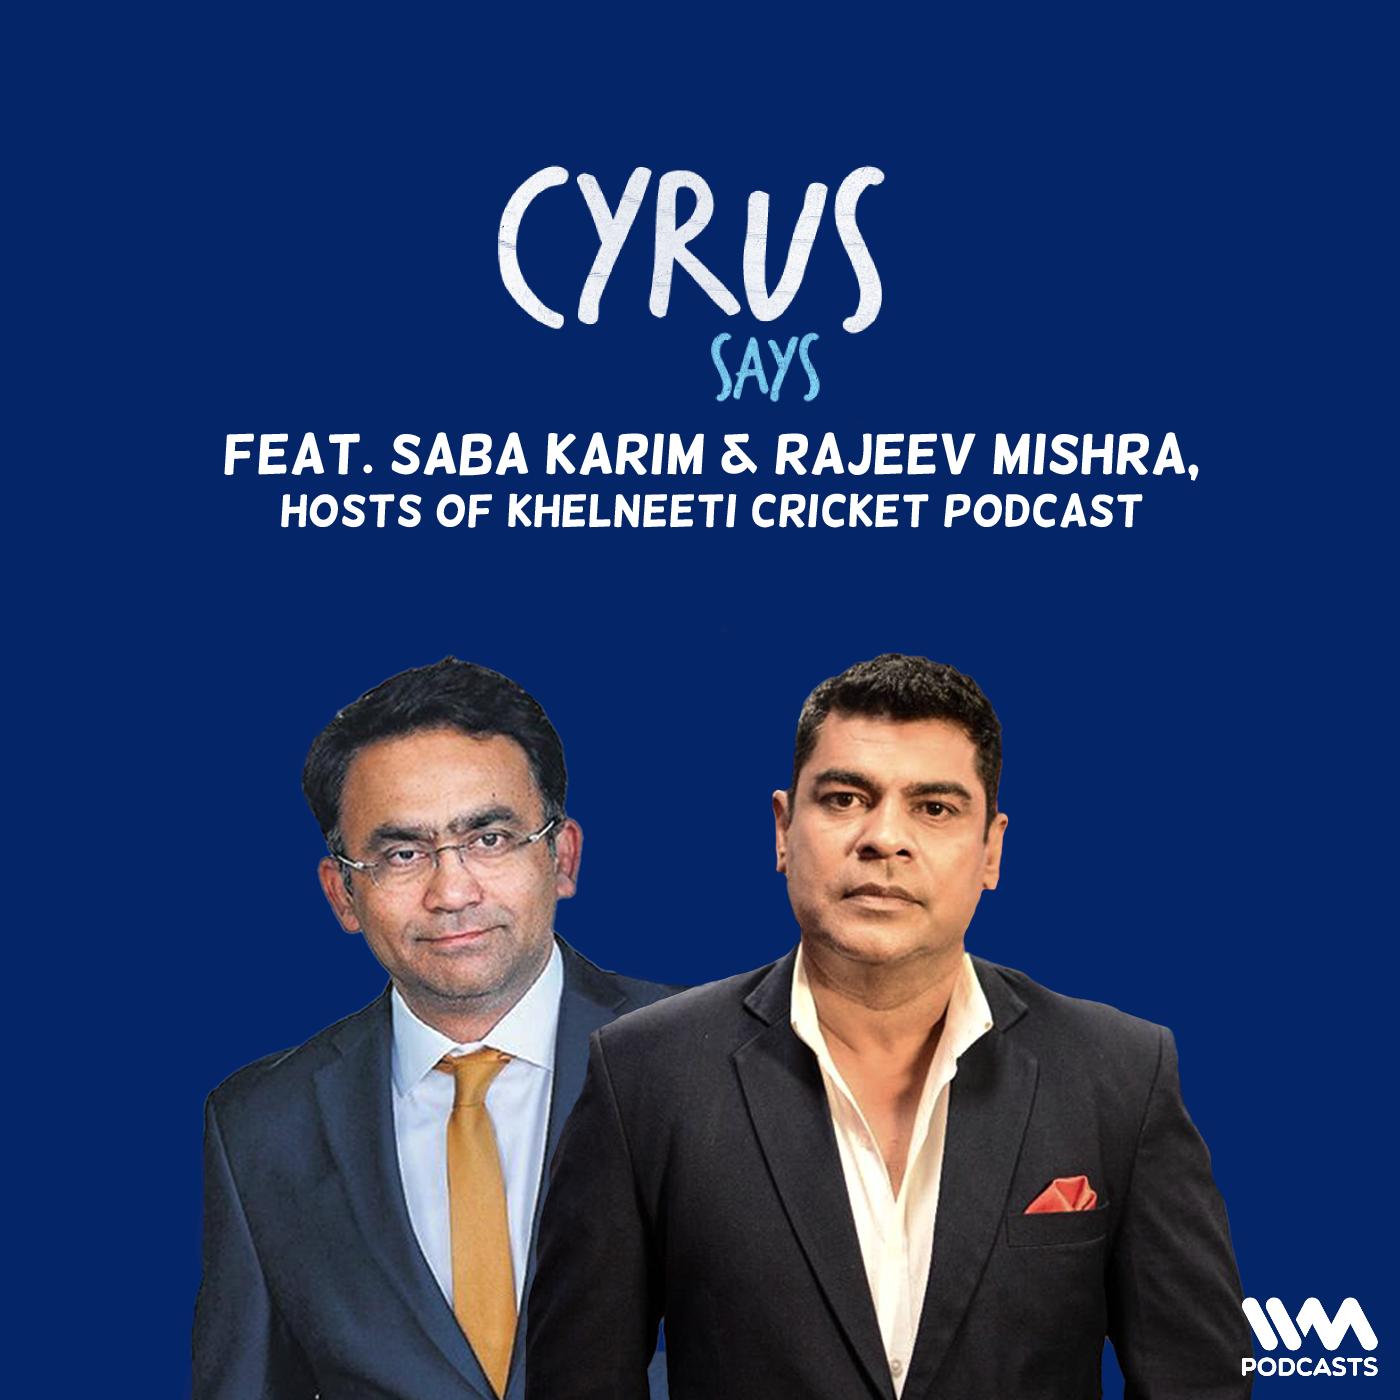 Ep. 669: feat. Rajeev Mishra & Saba Karim